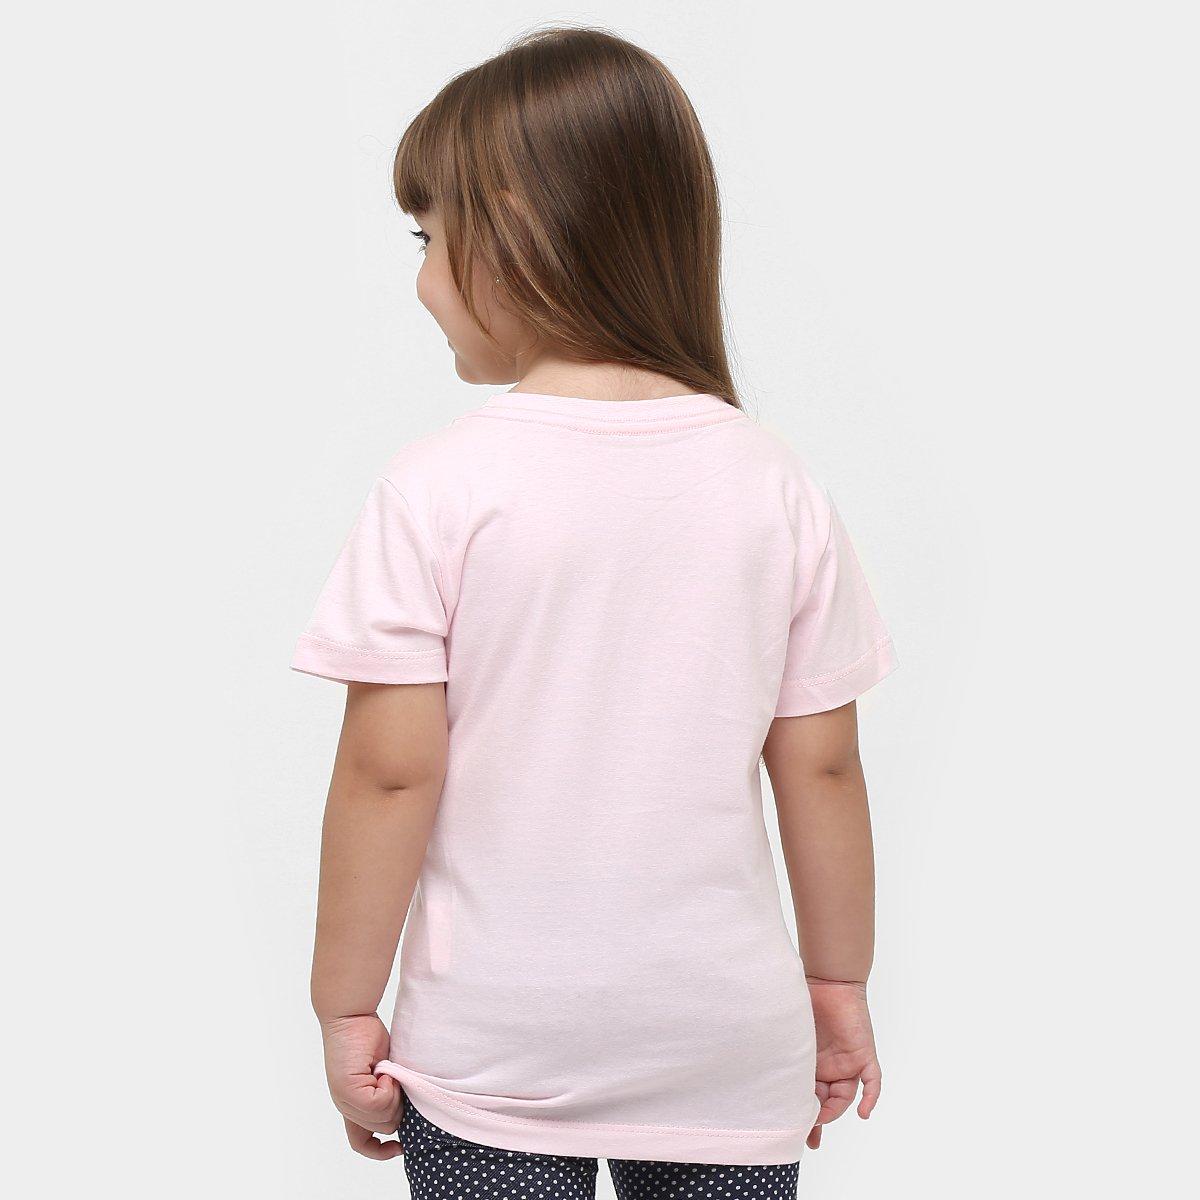 Basic Blank Rosa Rosa Rosa Basic Infantil Infantil Blank Camiseta Blank Camiseta Camiseta Basic Infantil Camiseta Z4SqE